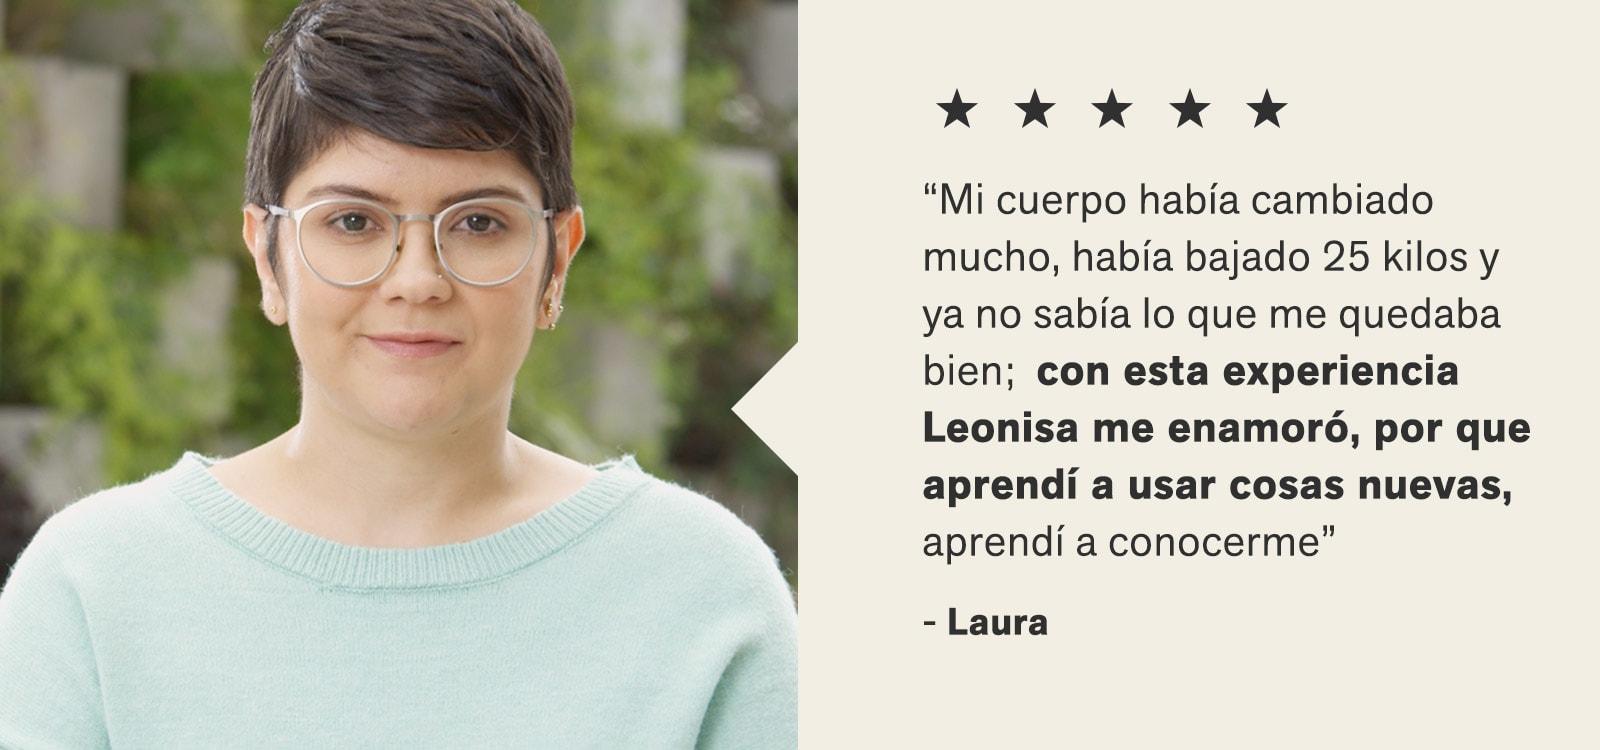 Testimonio de experiencia con uan Personal Shopper Leonisa